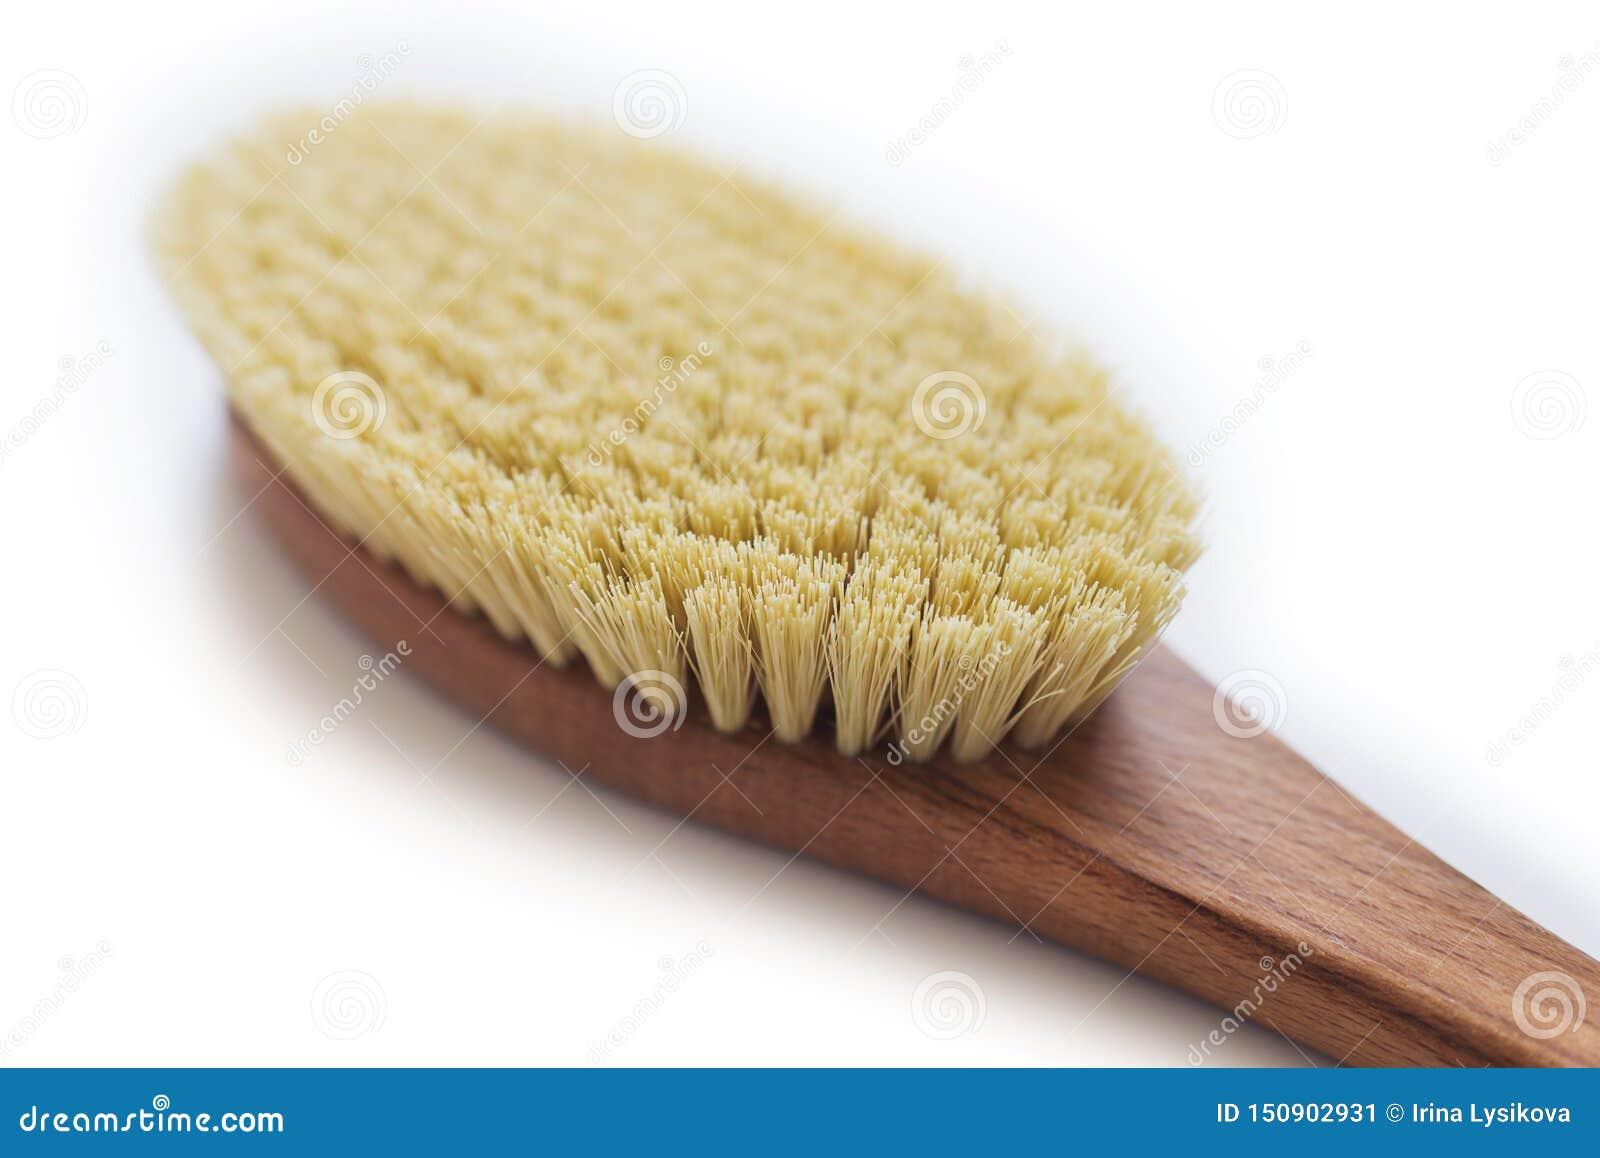 Spa Organic Brush For Dry Massage  Cactus Brush  Anti